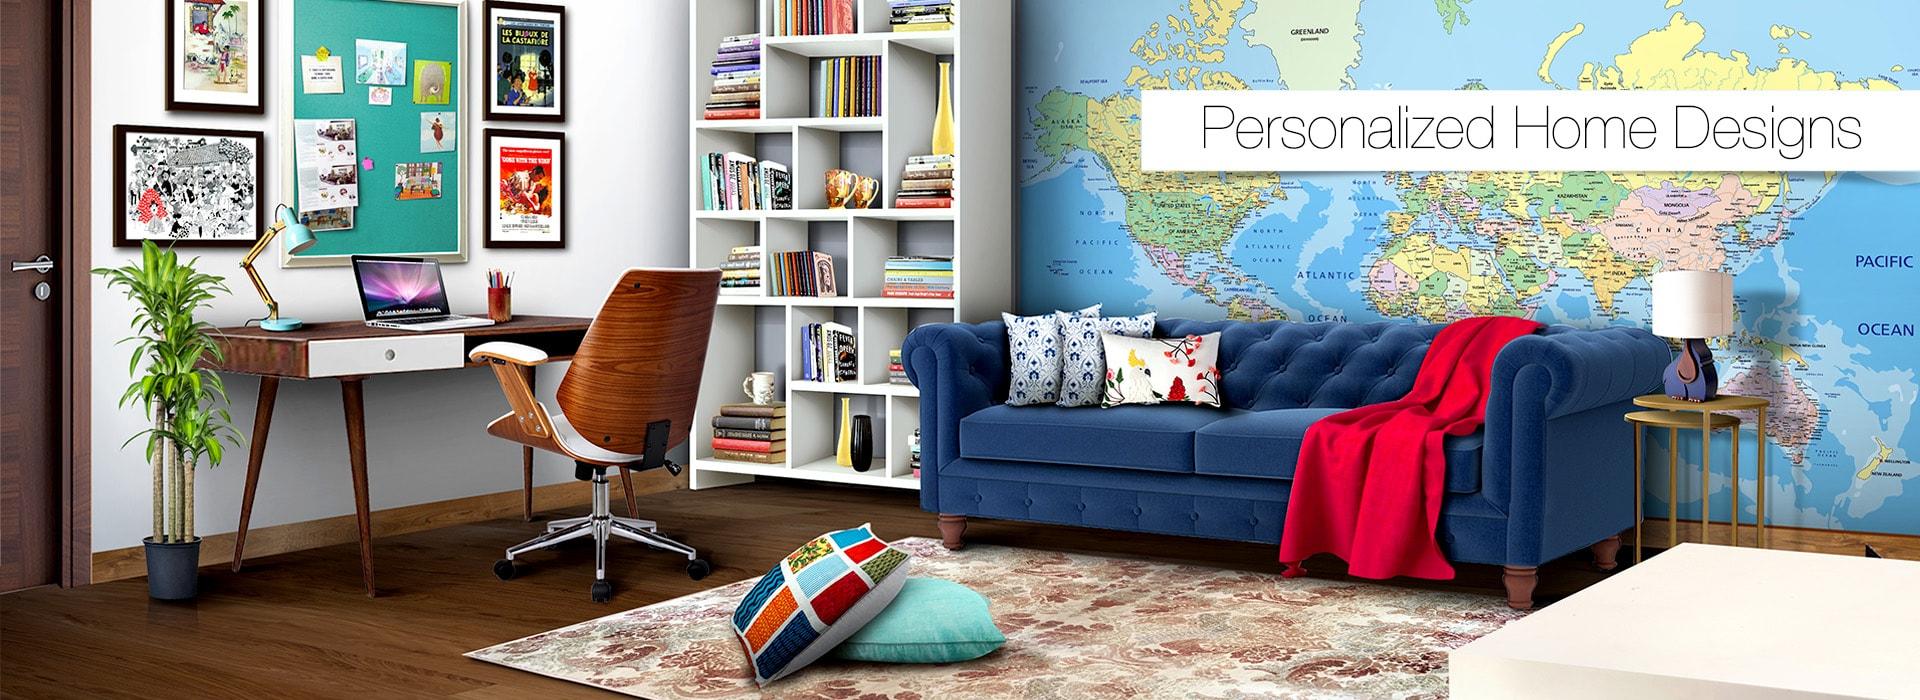 interior design online cubspaces